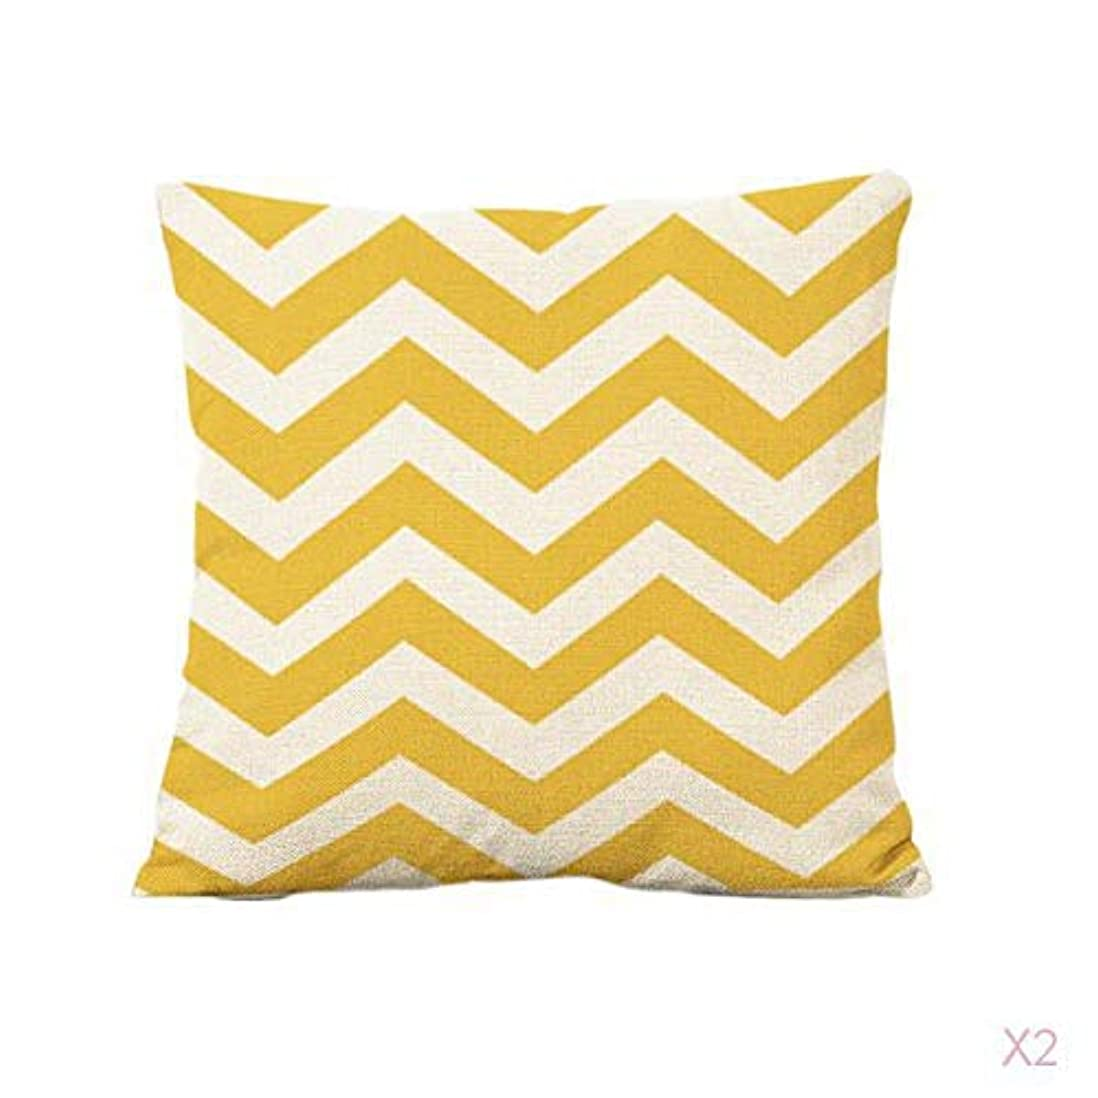 延期するあなたは風景黄色のホームオフィスのソファの装飾波ストライプリネン枕カバークッションカバー